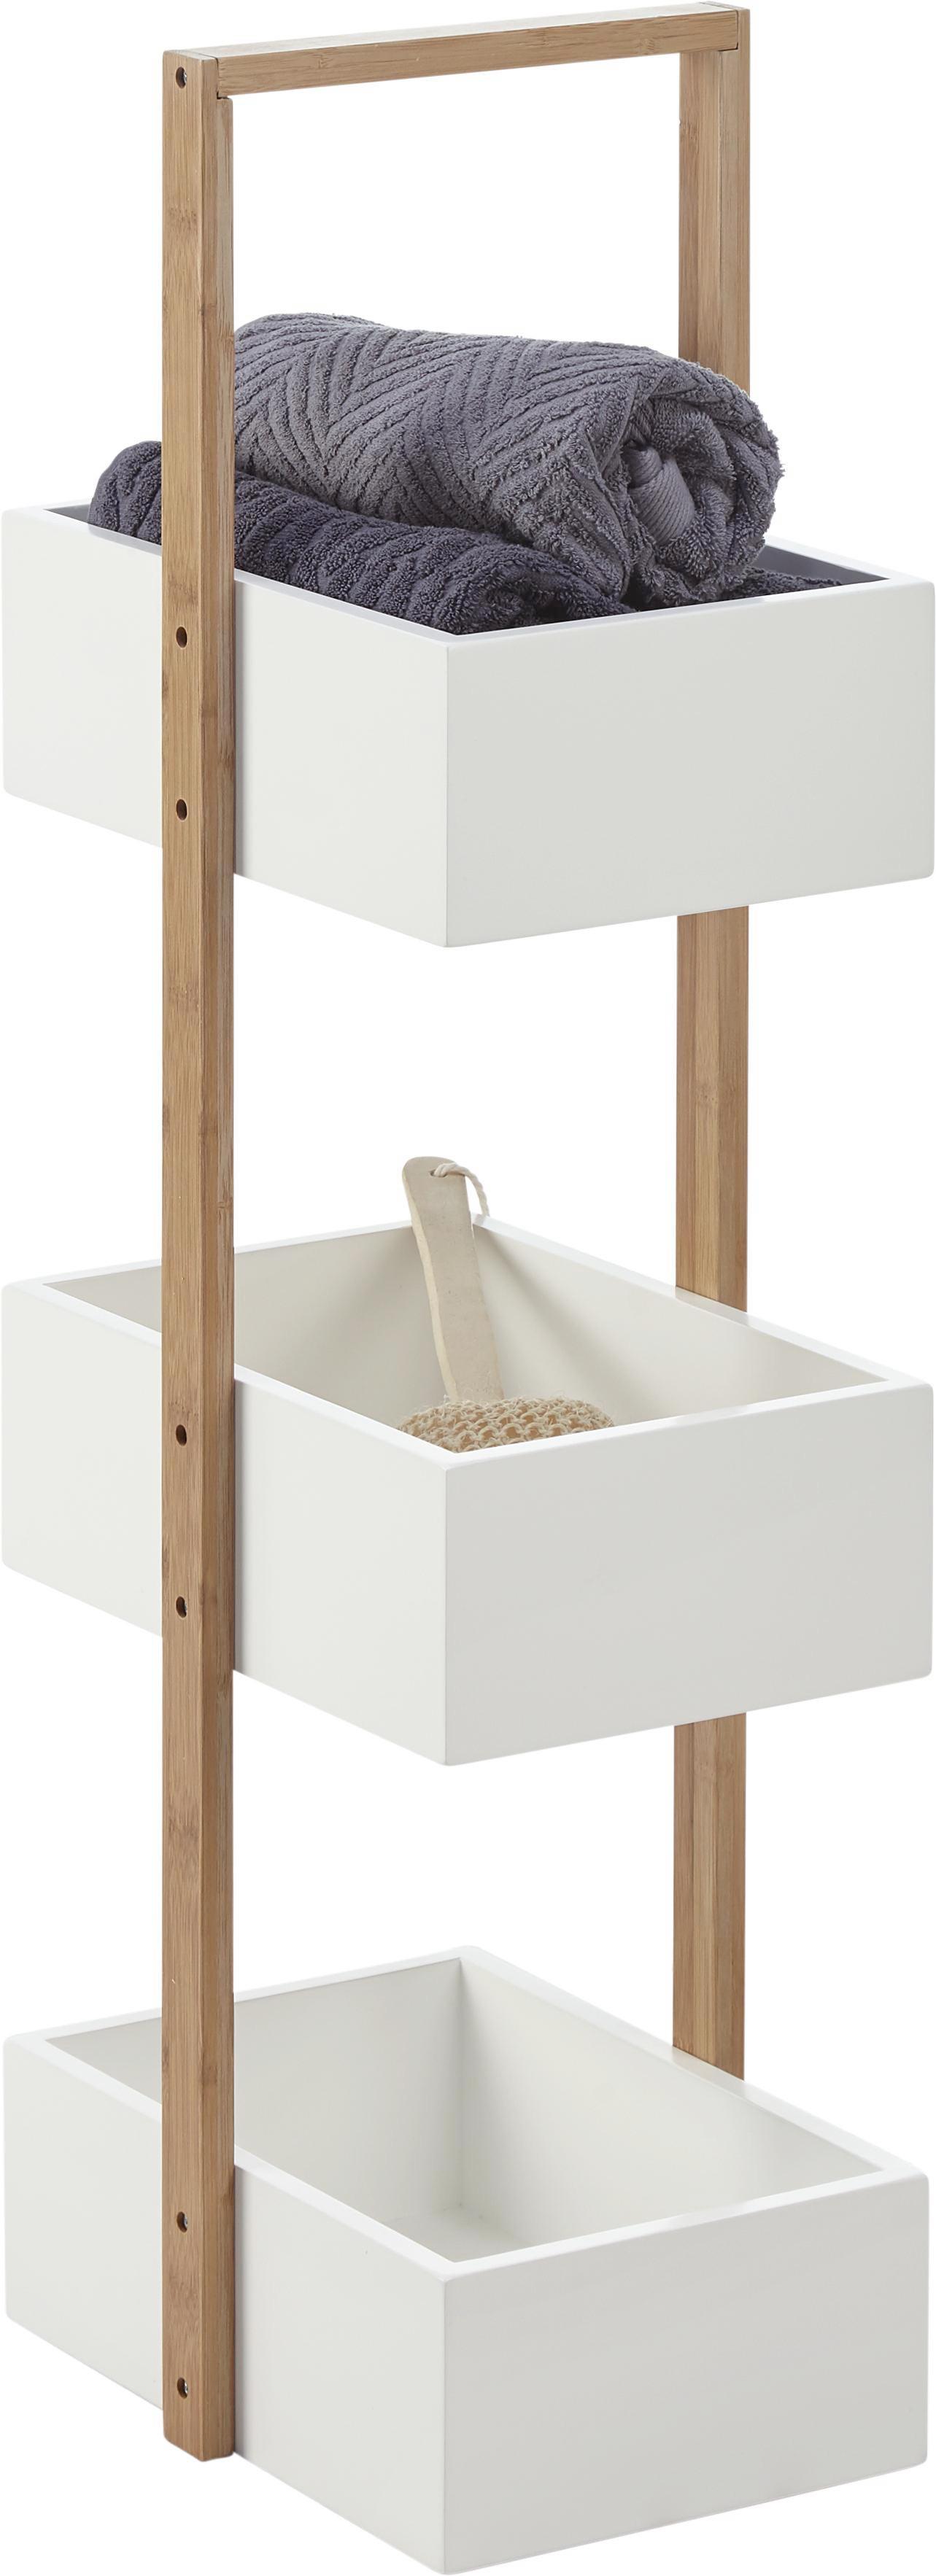 Ausgezeichnet Mömax Gartenmöbel Ideen - Schlafzimmer Ideen ...